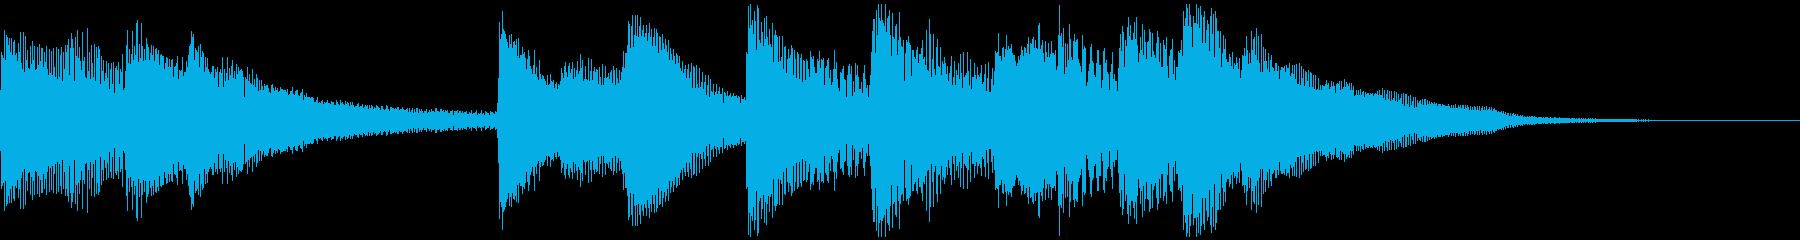 シンプルなピアノのジングルの再生済みの波形